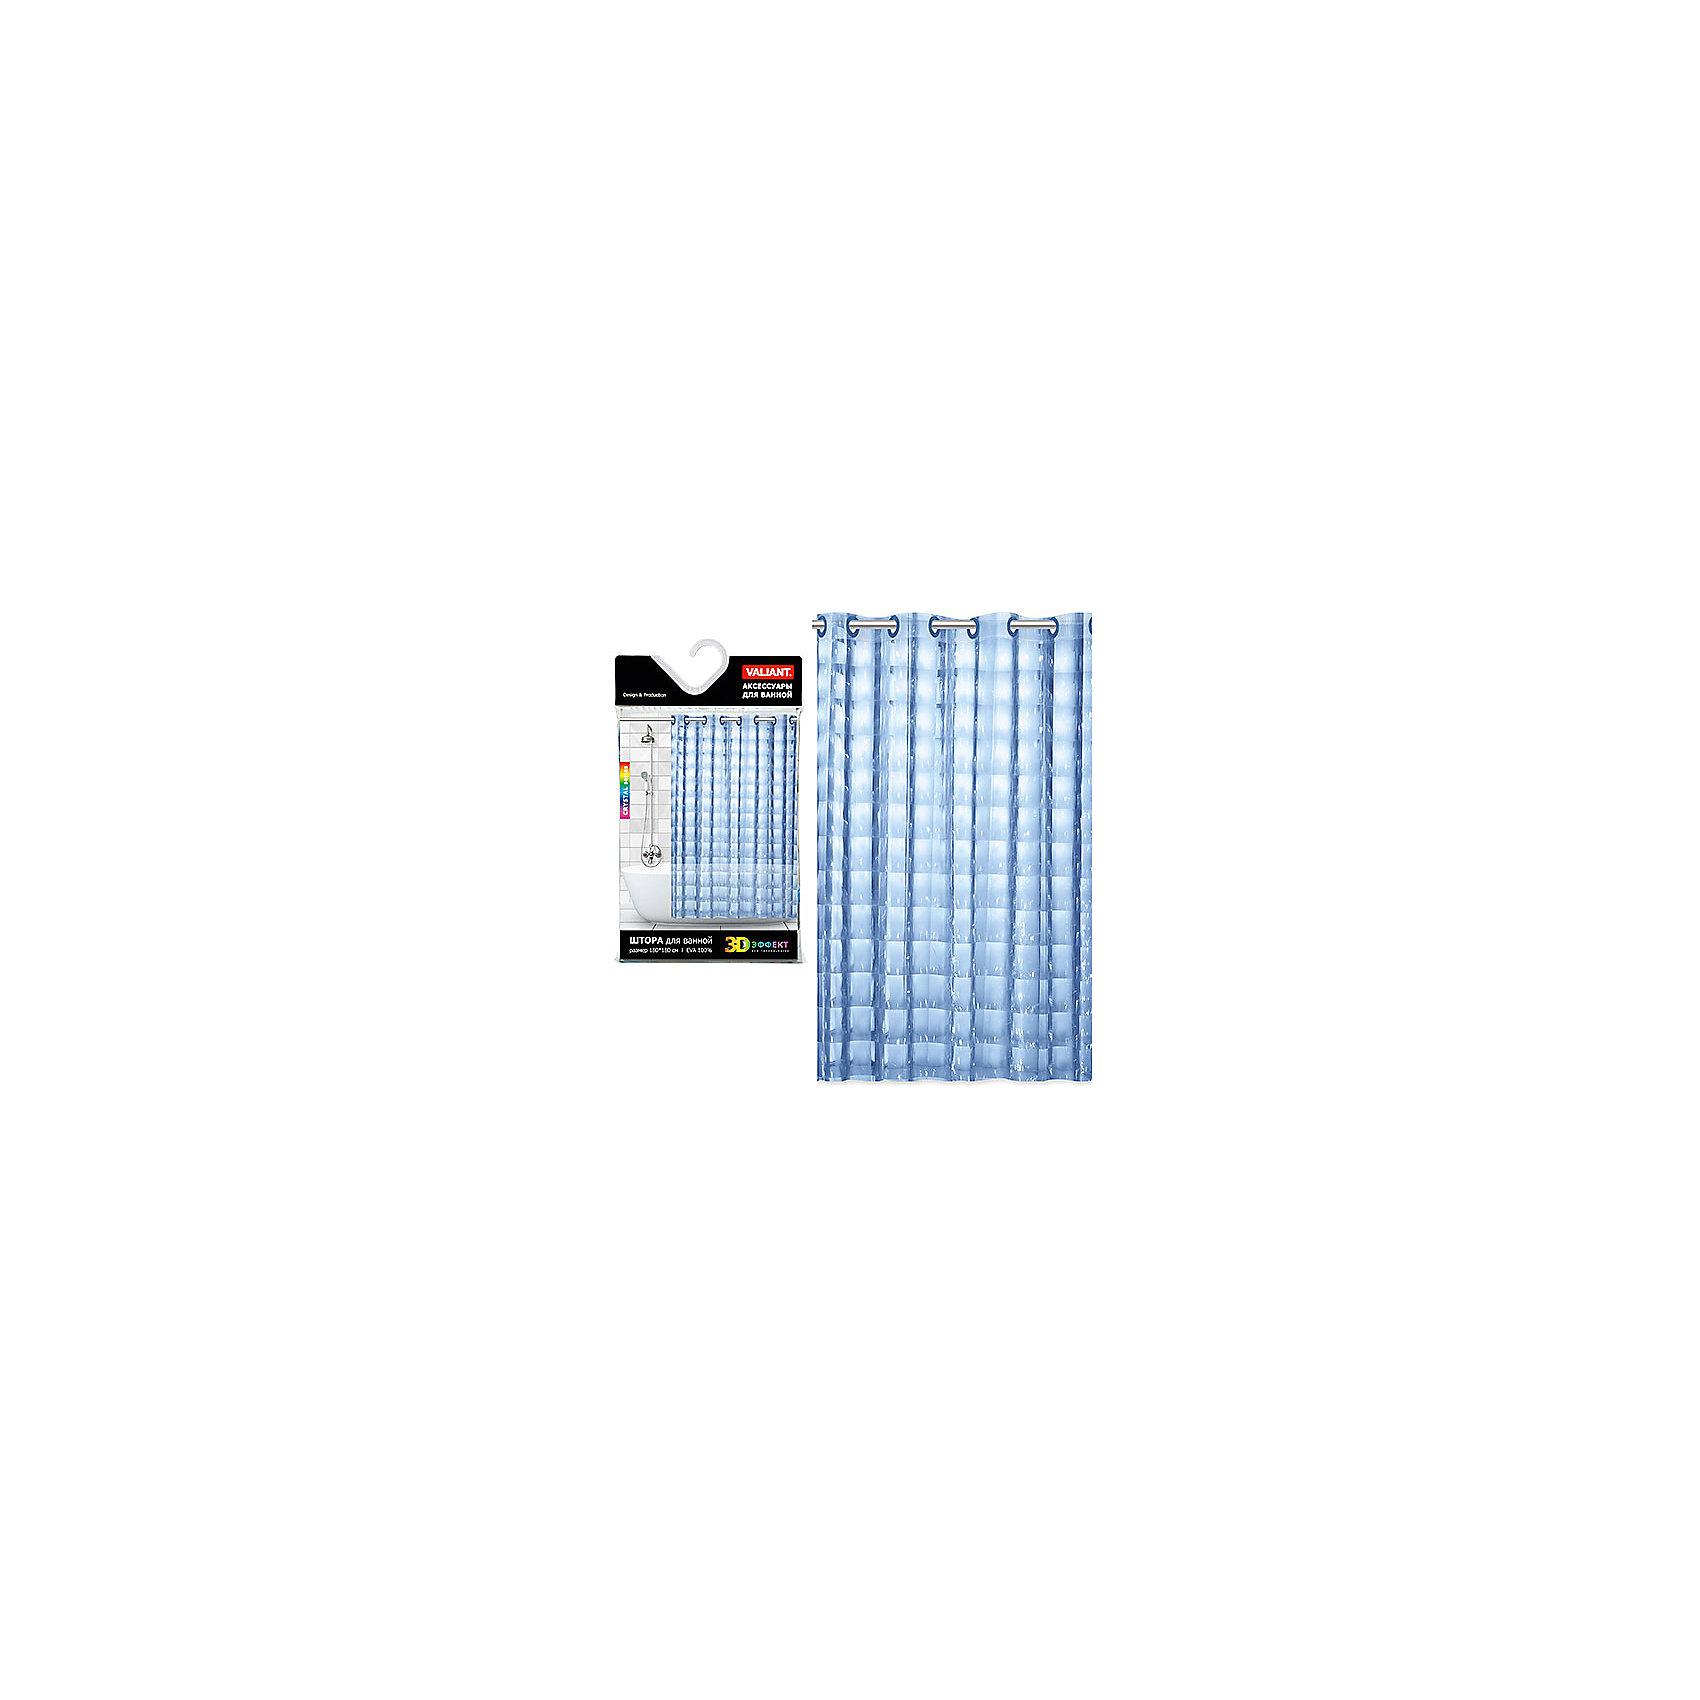 Штора для ванной, EVA, 180*180 см, CUBE MIRROR, ValiantШтора для ванной, EVA, 180*180 см, CUBE MIRROR, Valiant (Валиант) - эта уникальная полупрозрачная штора украсит интерьер ванной комнаты.<br>Мульти-зеркальная штора CUBE MIRROR от Valiant (Валиант) с завораживающим кристаллическим эффектом (3D-эффектом) способна преобразить и раздвинуть пространство ванной комнаты. Штора легко крепится на специальных раздвижных люверсах. Высококачественный полимерный материал обладает повышенными водоотталкивающими свойствами, устойчив к воздействию, света и влаги, приятен на ощупь.<br><br>Дополнительная информация:<br><br>- Размер: 180х180 см.<br>- Материал: EVA<br>- 10 больших люверсов<br>- Водоотталкивающие свойства: 100%<br>- Рекомендации по уходу: для удаления мыльного налёта просто протрите штору мягкой влажной губкой. Для чистки сильных загрязнений применяйте мягкие моющие средства. Не рекомендуется использовать растворяющие моющие средства<br><br>Штору для ванной, EVA, 180*180 см, CUBE MIRROR, Valiant (Валиант) можно купить в нашем интернет-магазине.<br><br>Ширина мм: 200<br>Глубина мм: 30<br>Высота мм: 350<br>Вес г: 579<br>Возраст от месяцев: 36<br>Возраст до месяцев: 216<br>Пол: Унисекс<br>Возраст: Детский<br>SKU: 4993395